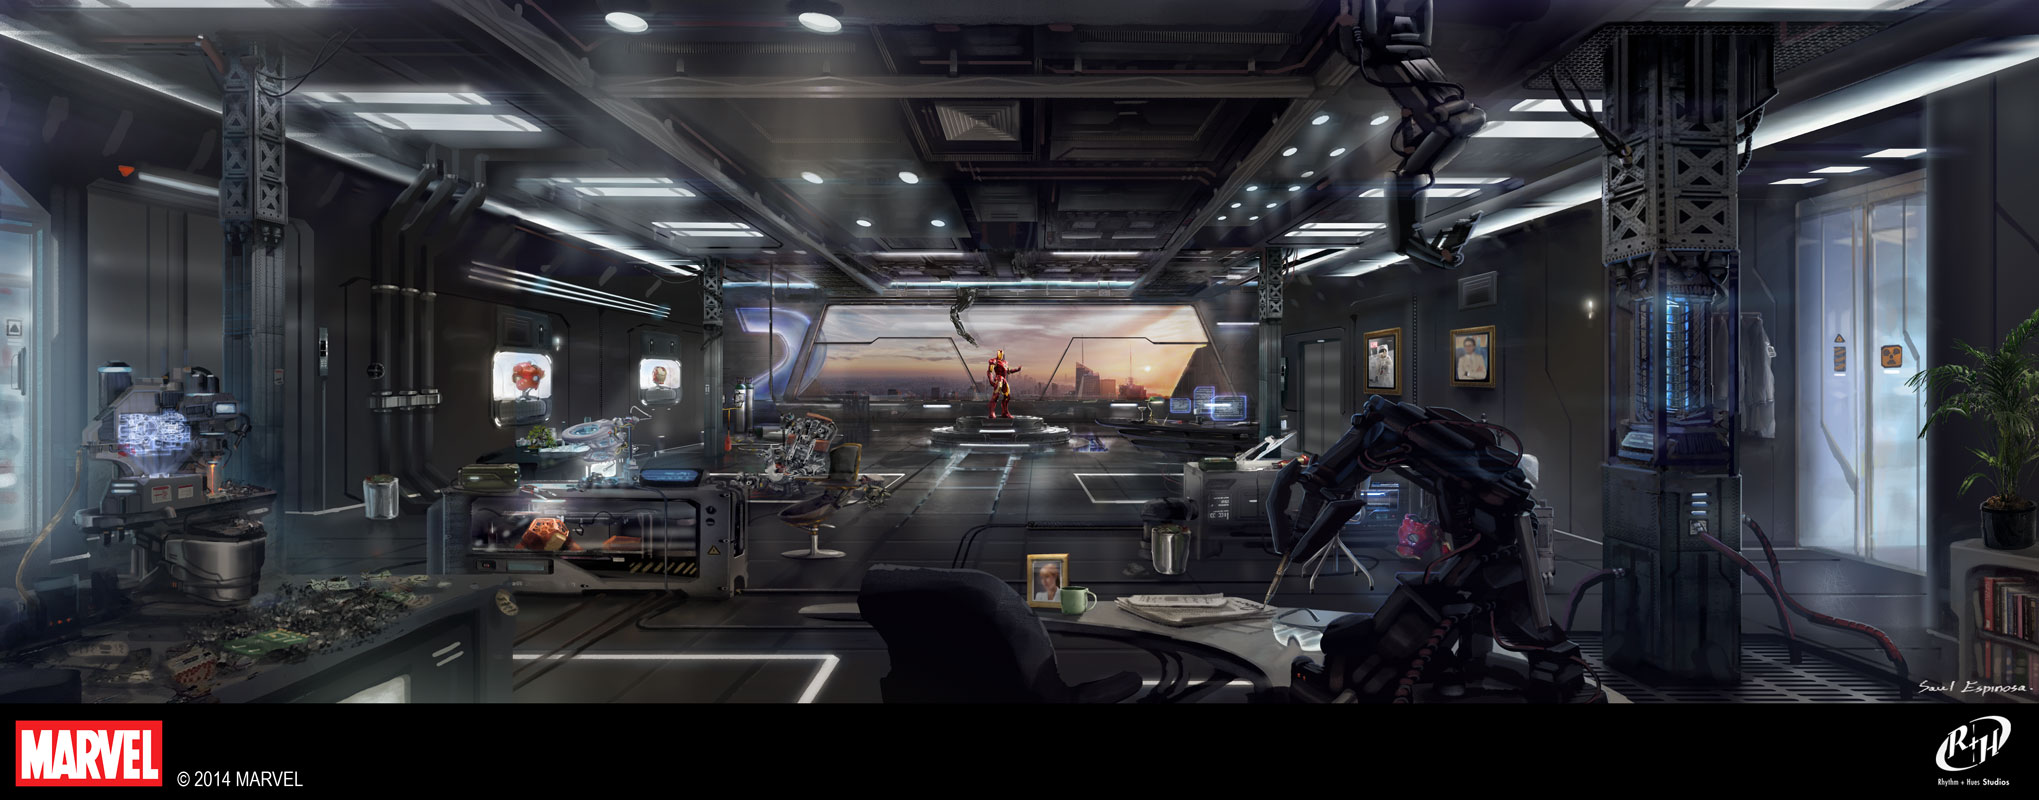 Tony Starks Office By Theartofsaul On Deviantart